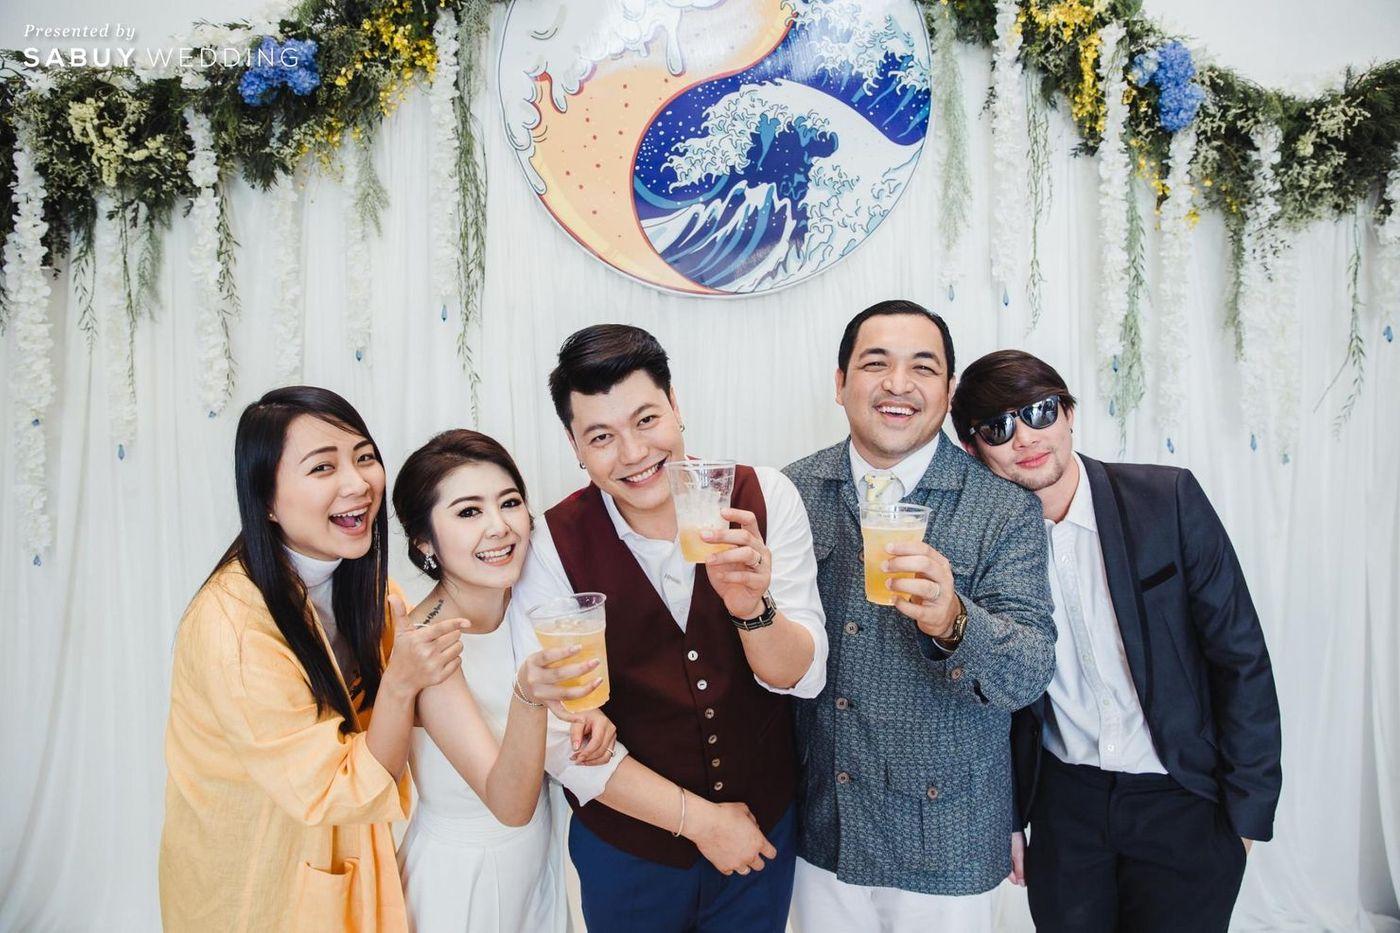 งานแต่งงาน,เจ้าบ่าว,เจ้าสาว,สถานที่แต่งงาน,สถานที่จัดงานแต่งงาน,จัดงานแต่งงาน,ชุดเจ้าบ่าว,ชุดเจ้าสาว,เพื่อนเจ้าบ่าว,เพื่อนเจ้าสาว,อาฟเตอร์ปาร์ตี้ รีวิวงานแต่งมินิมอล ตกแต่งน้อยแต่สวยปัง อลังด้วยสถานที่ @Villa De Bua